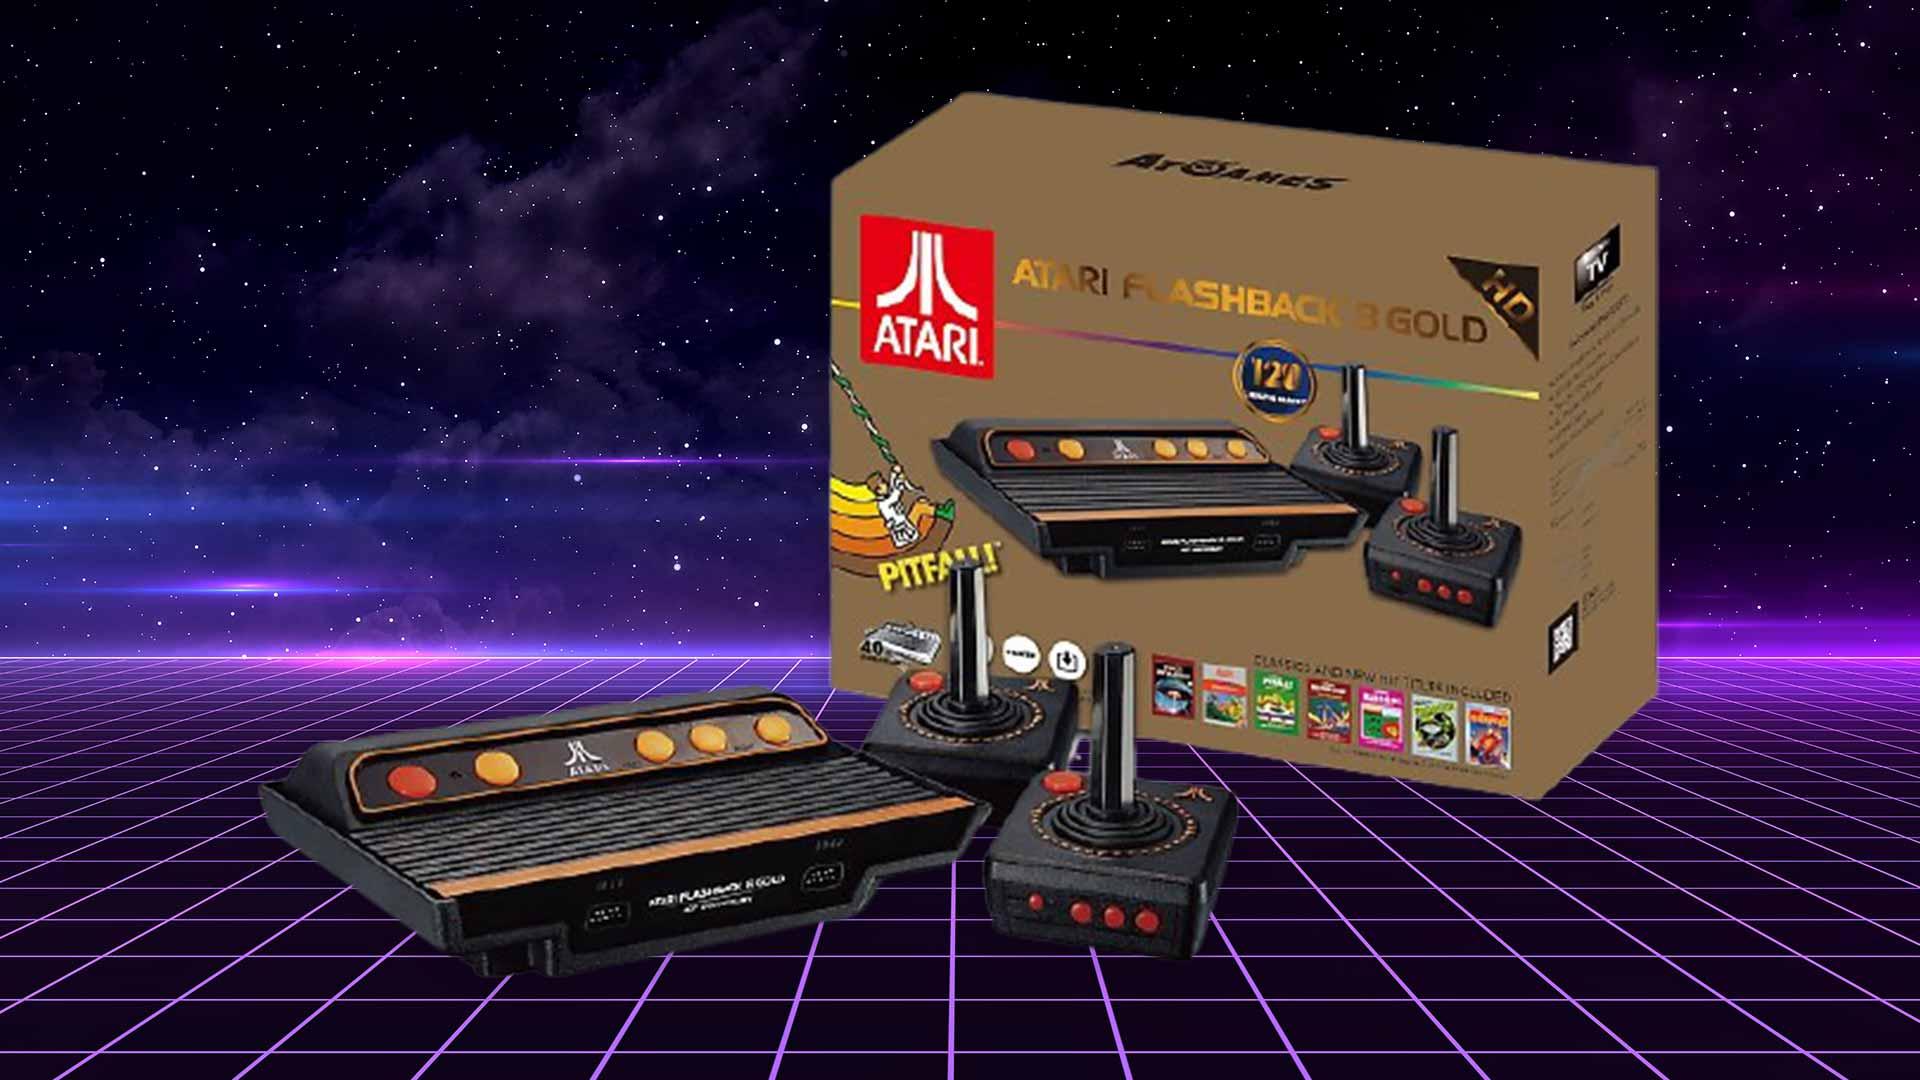 Retro- und Minikonsolen #10 Atari Flashback: Dem Original zum Verwechseln ähnlich